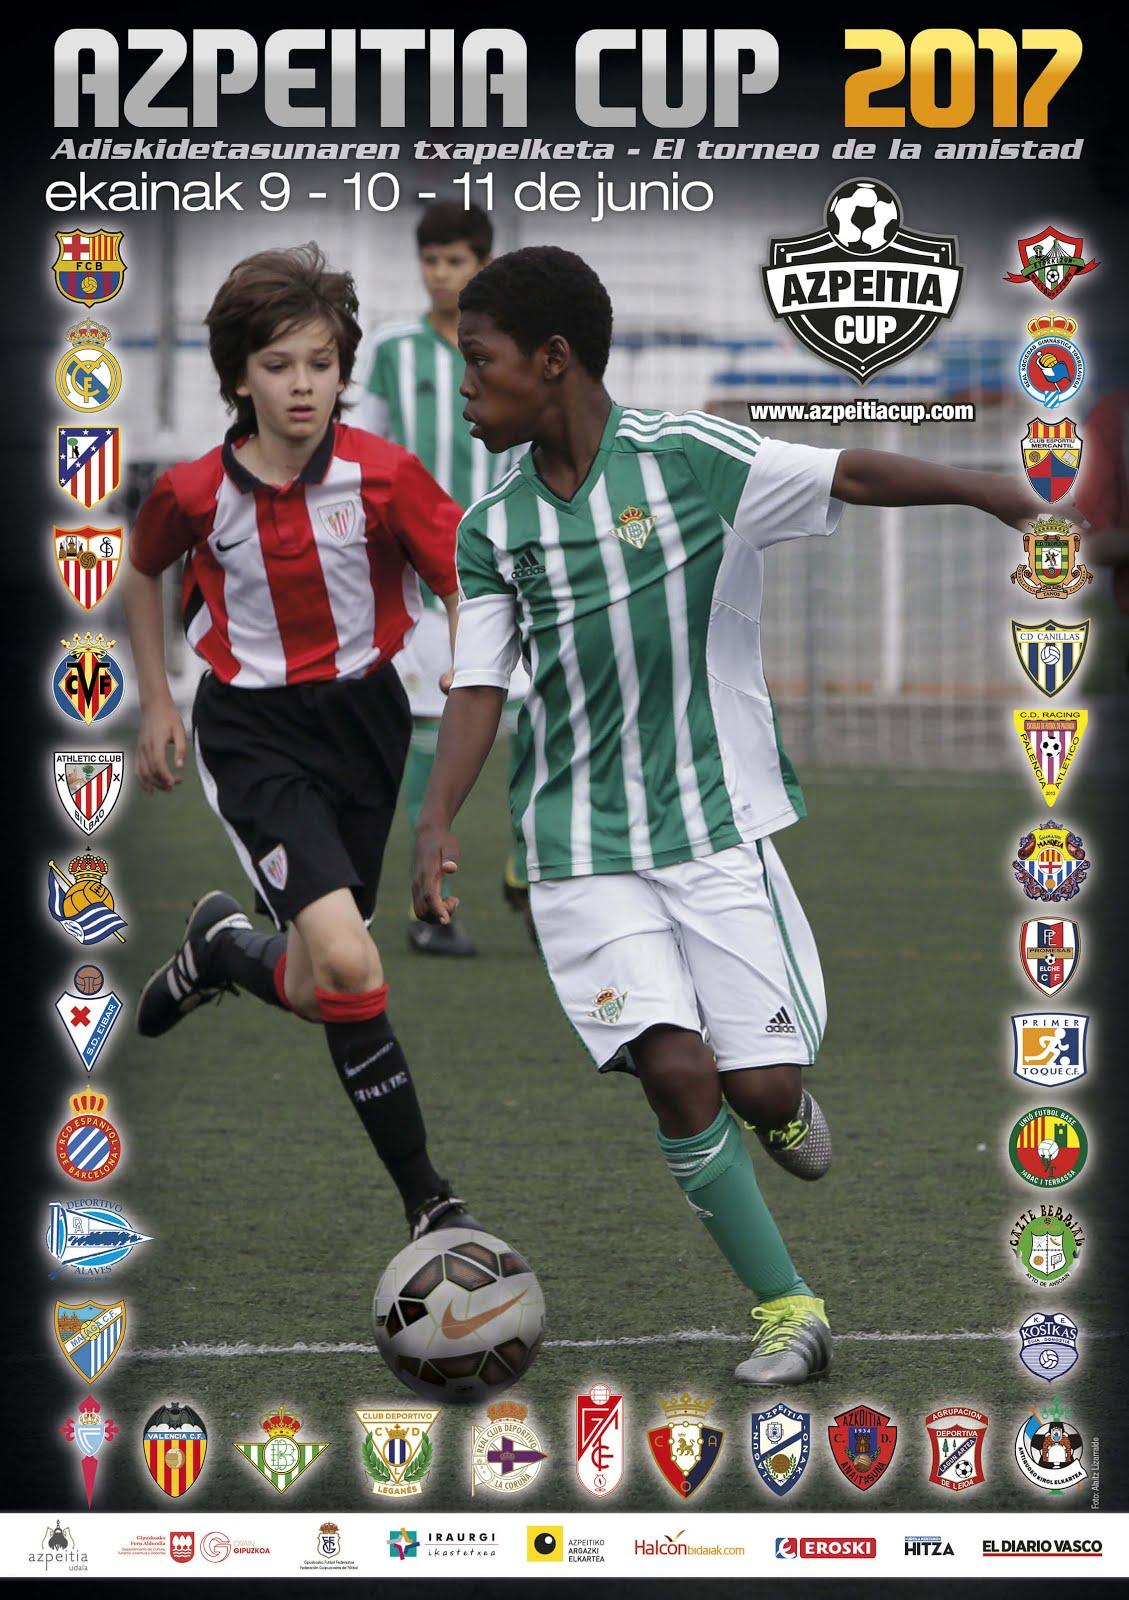 AZPEITIA CUP 2017